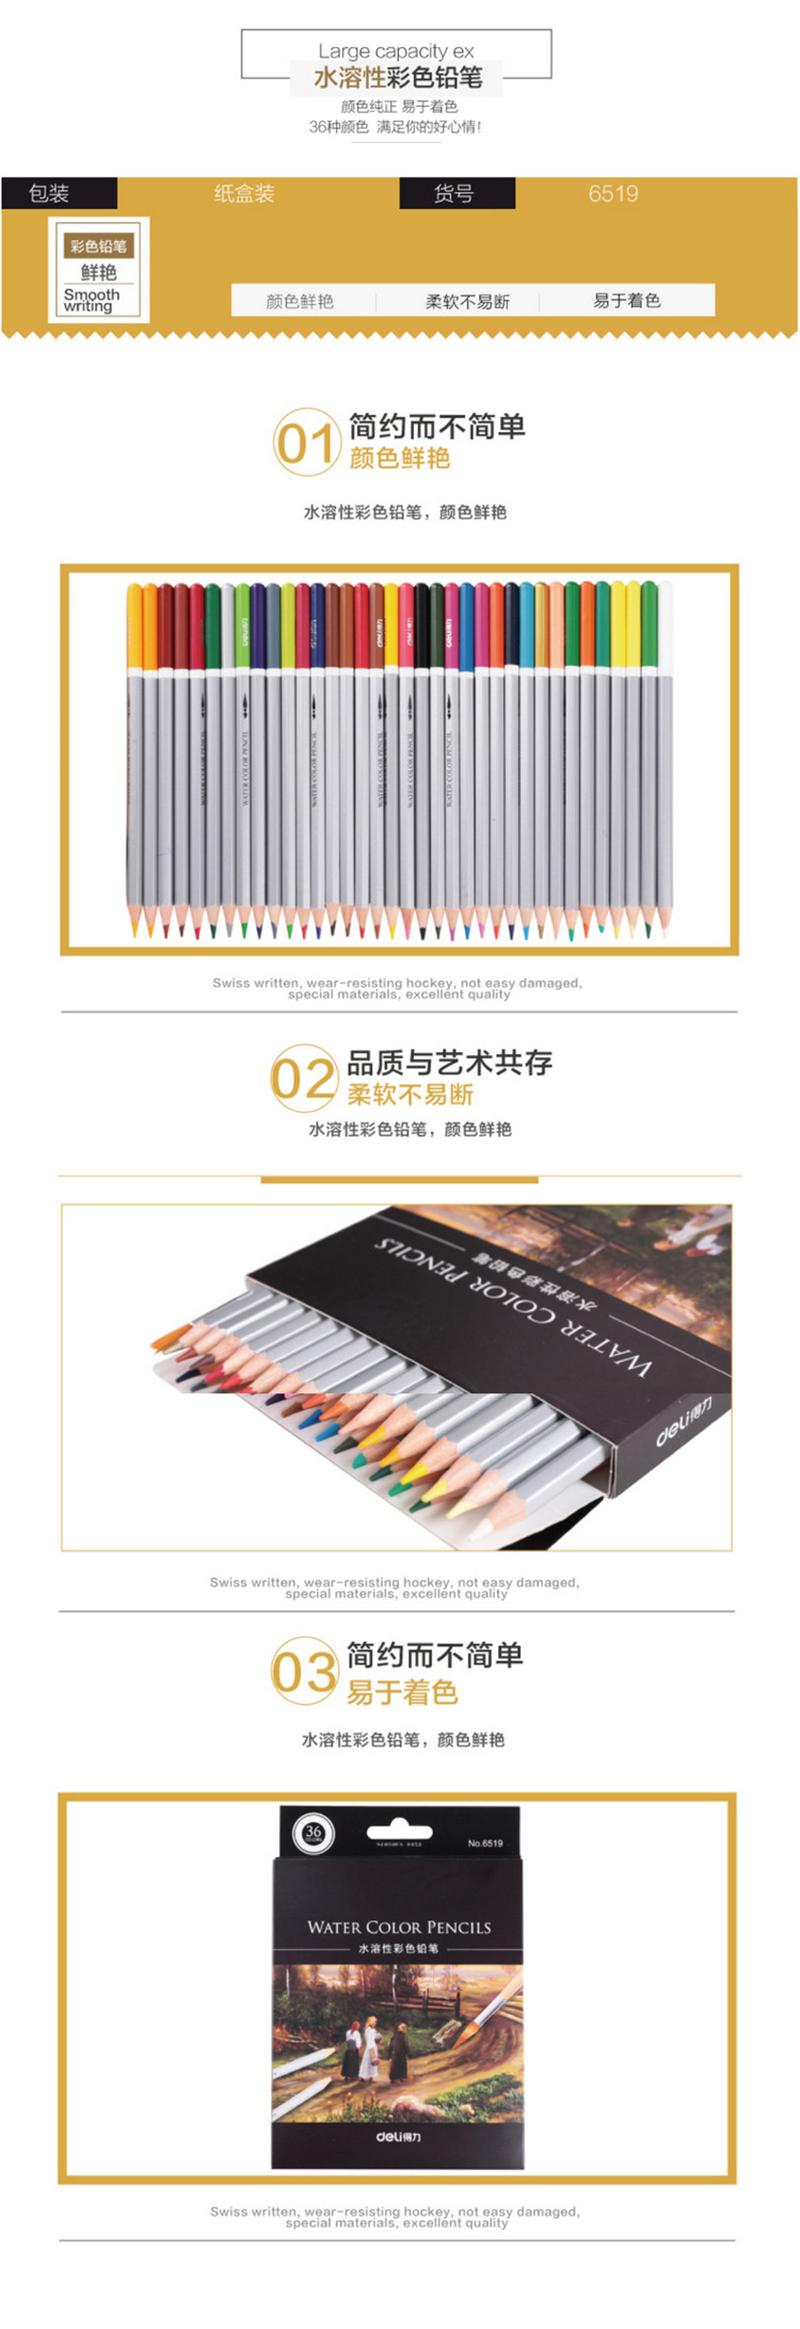 得力 36色水溶性彩色铅笔 水溶性彩铅套装 6519详情页1